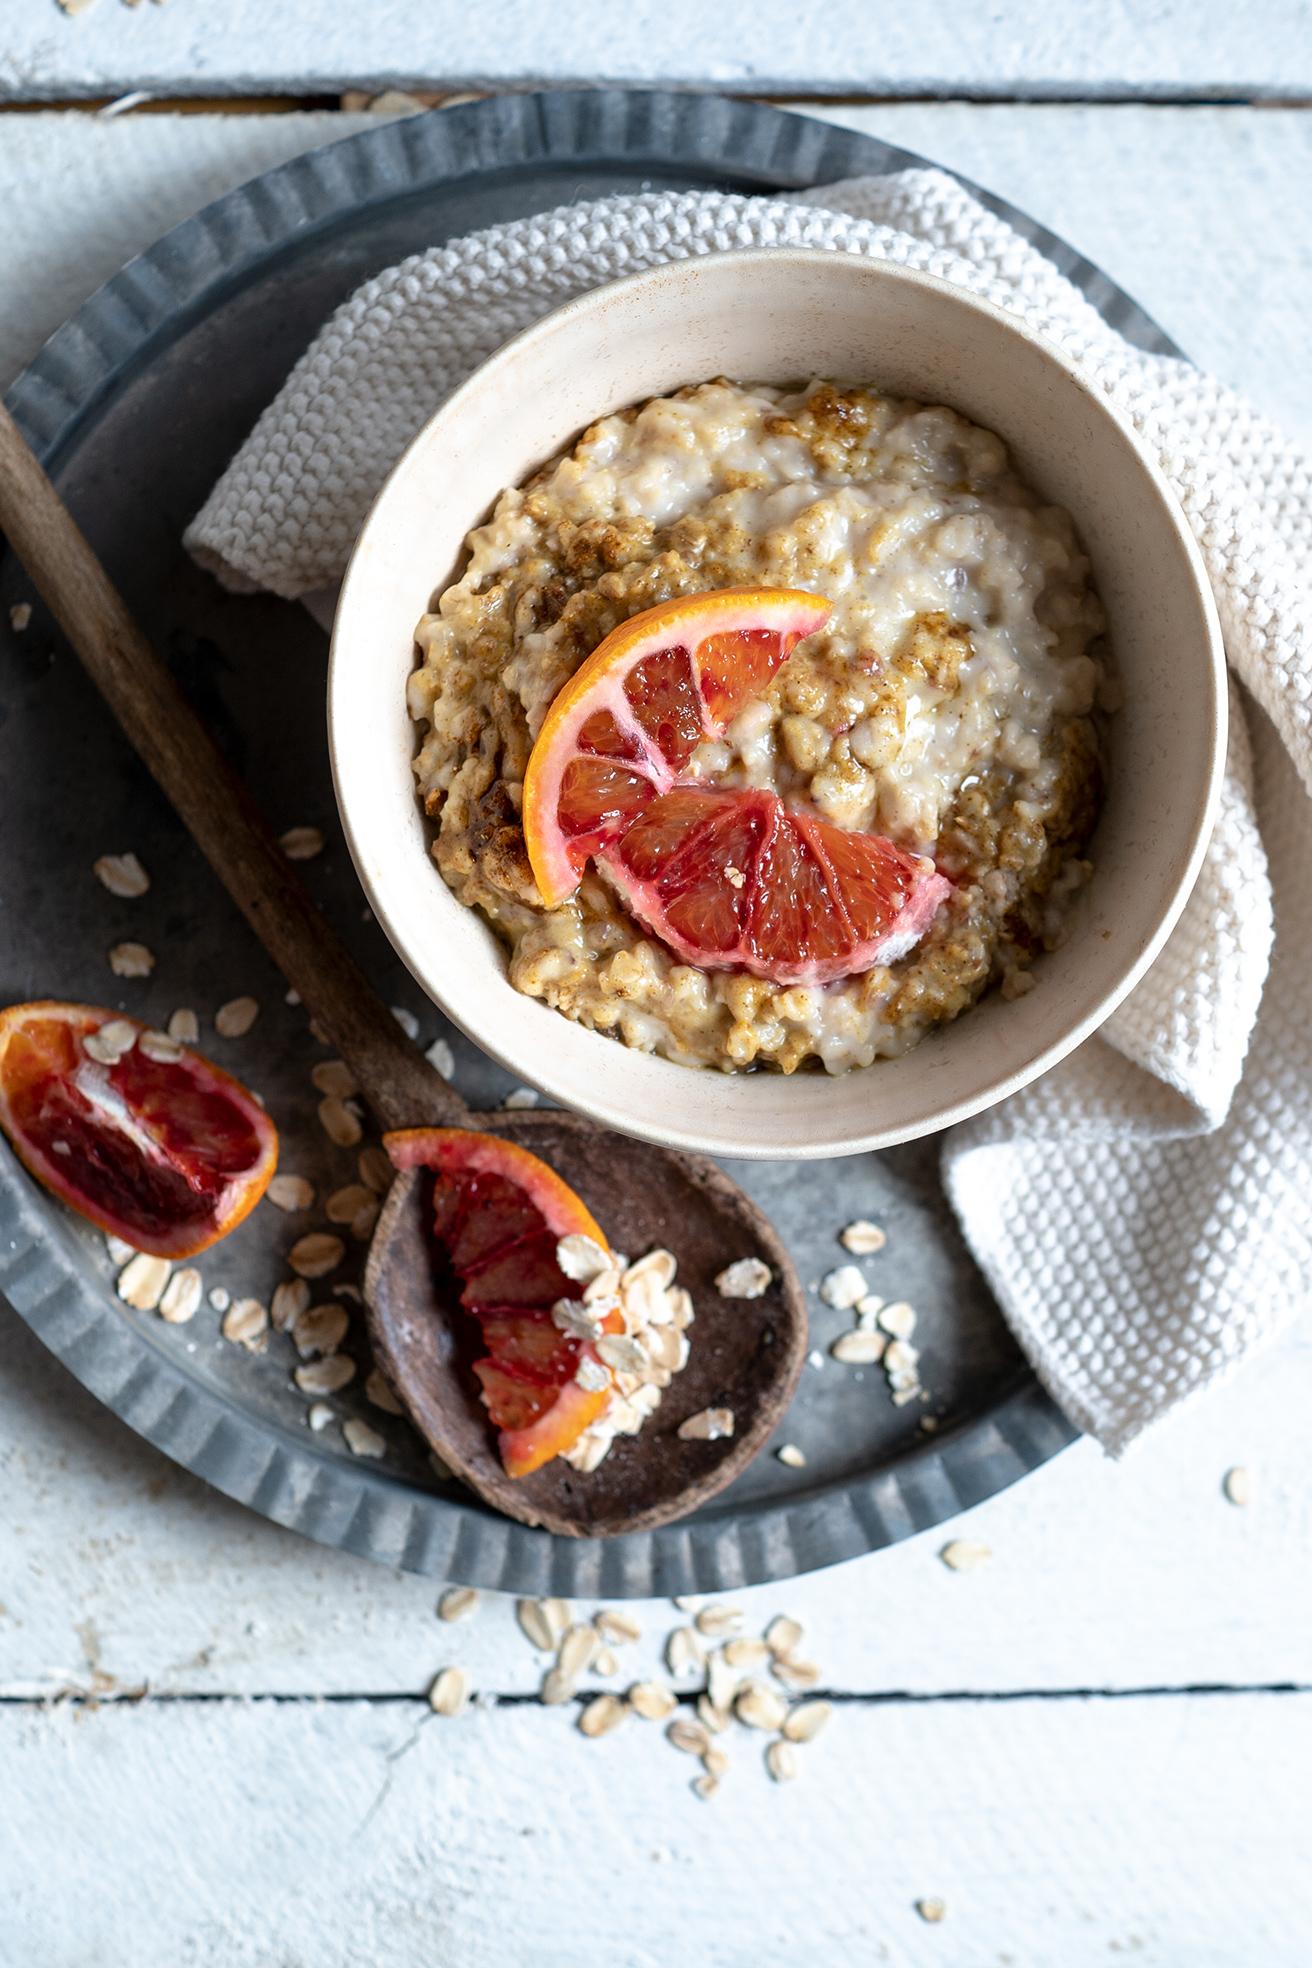 Porridge mit Orangen auf dem Teller